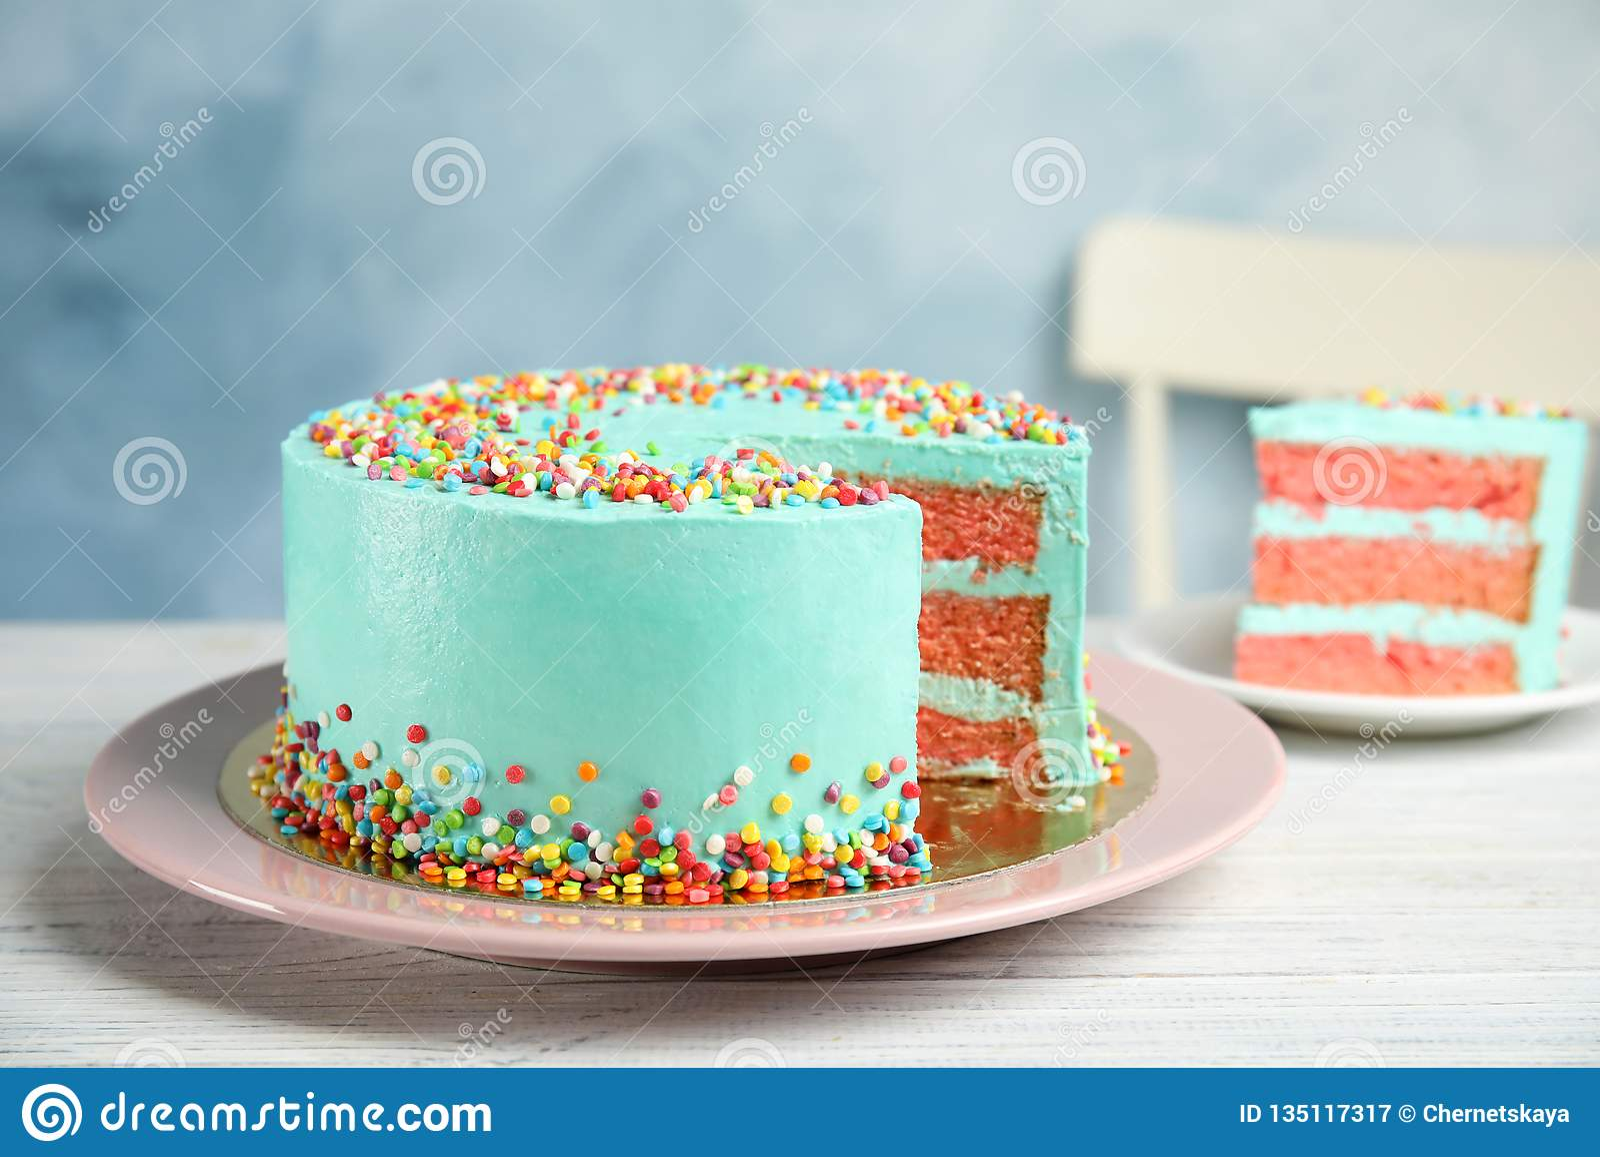 Cut Fresh Delicious Birthday Cake